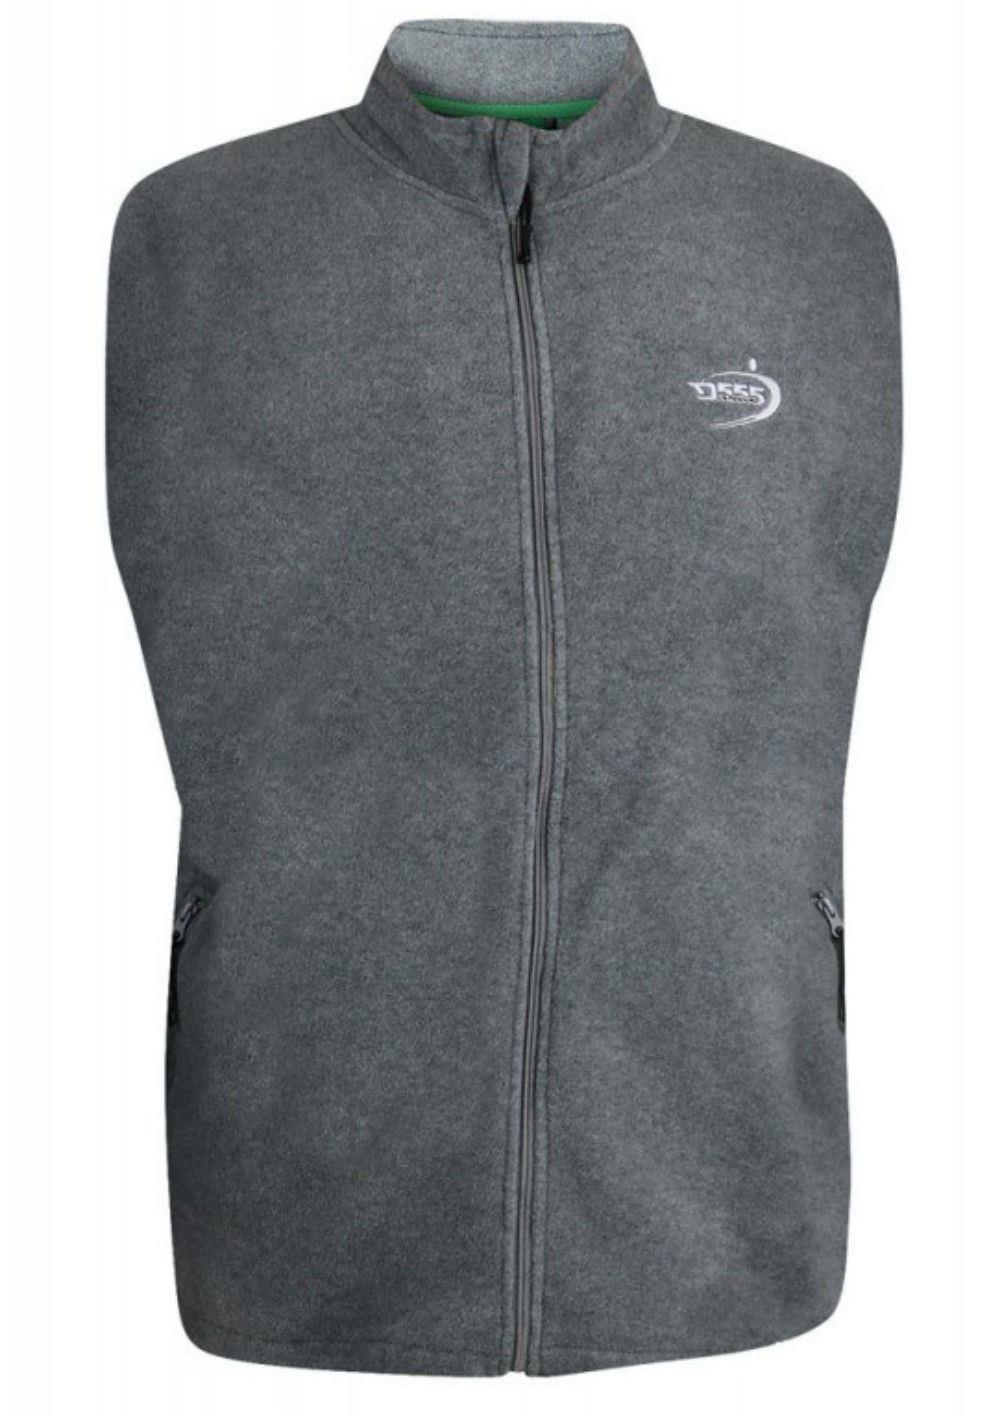 D555 Benjamin Full Zipper Antipeel Fleece Gilet Charcoal|4XL